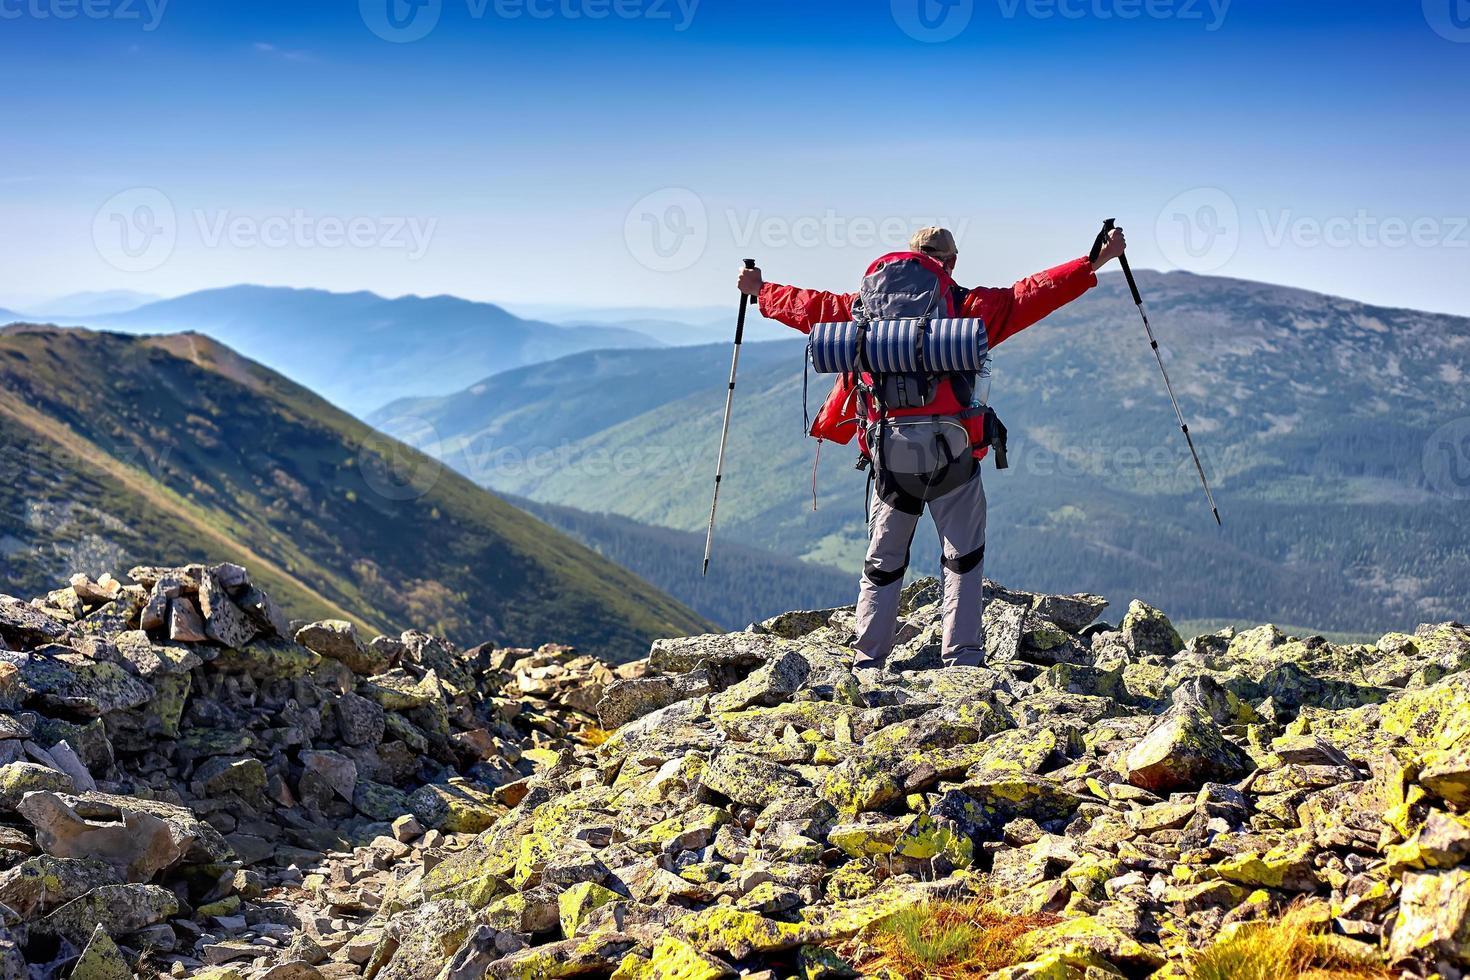 alpinista com mochila em pé nas montanhas e apreciando v foto